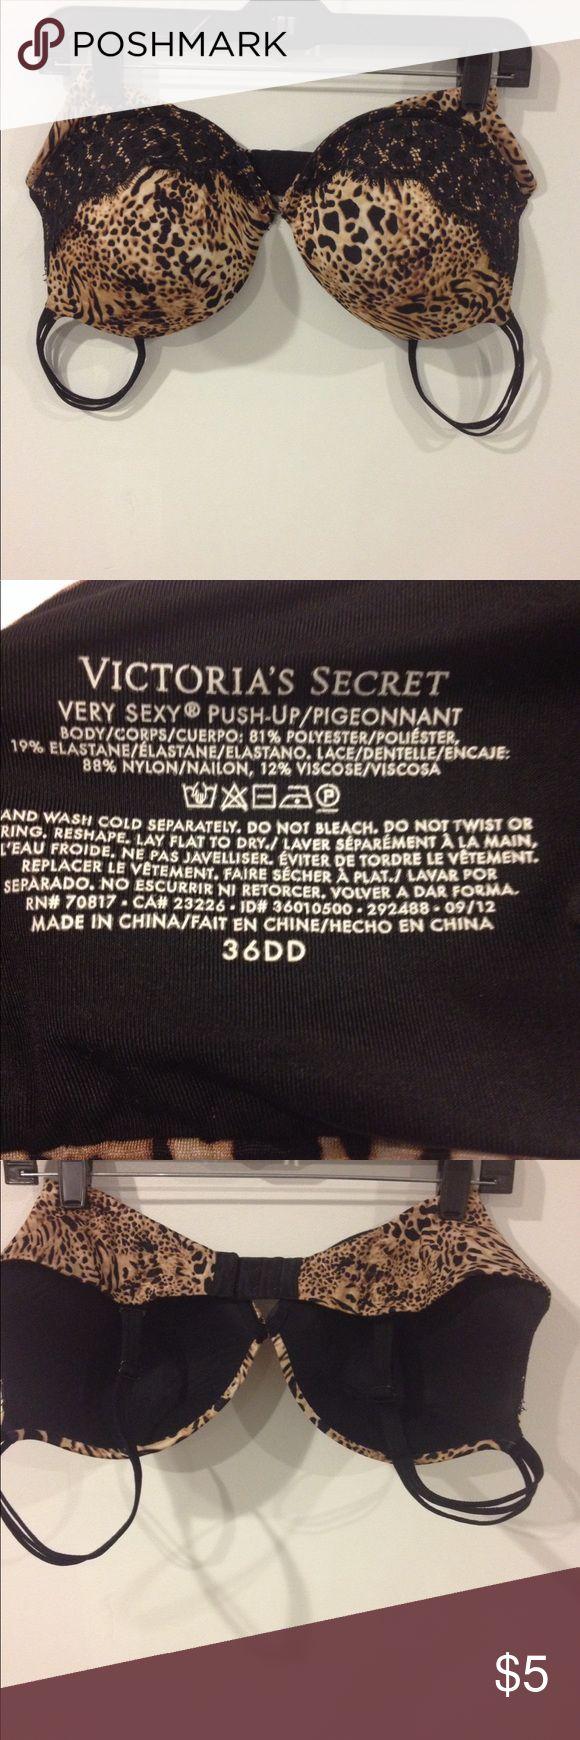 Victoria Secret 36DD bra good condition Size 36DD Victoria Secret bra good condition PINK Victoria's Secret Intimates & Sleepwear Bras